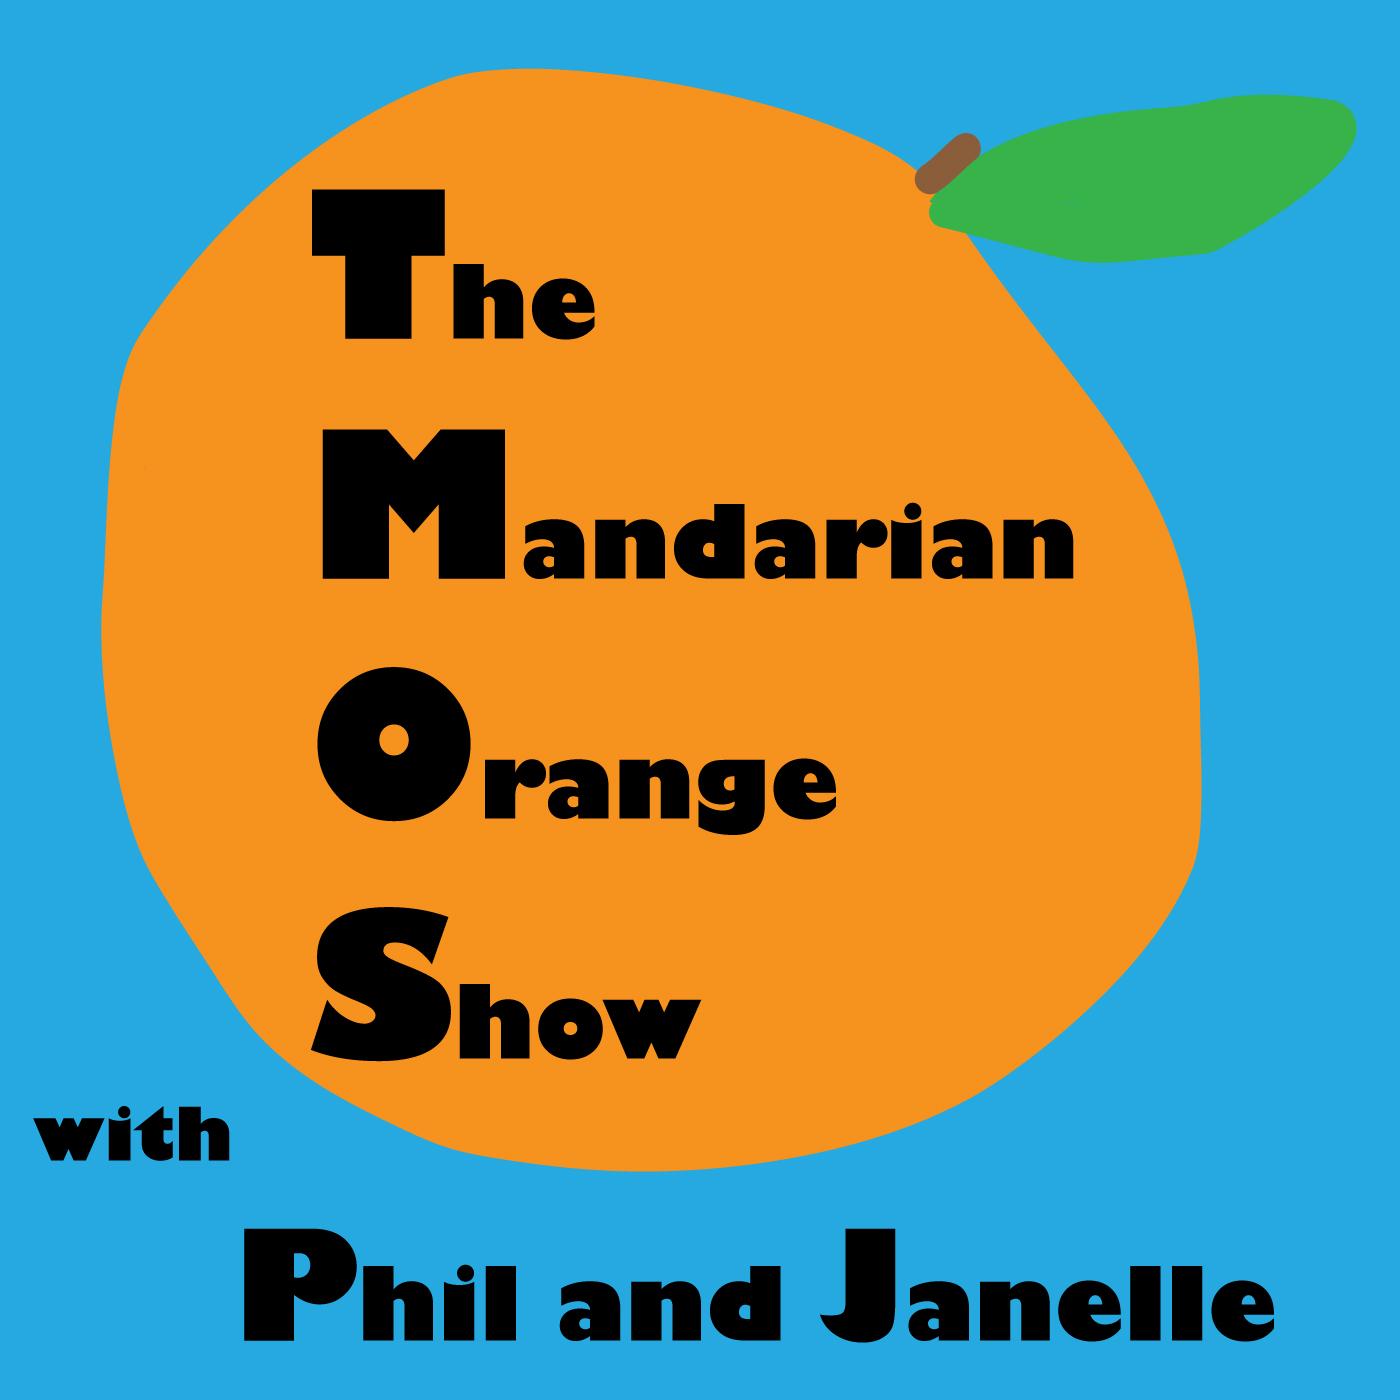 The Mandarian Orange Show